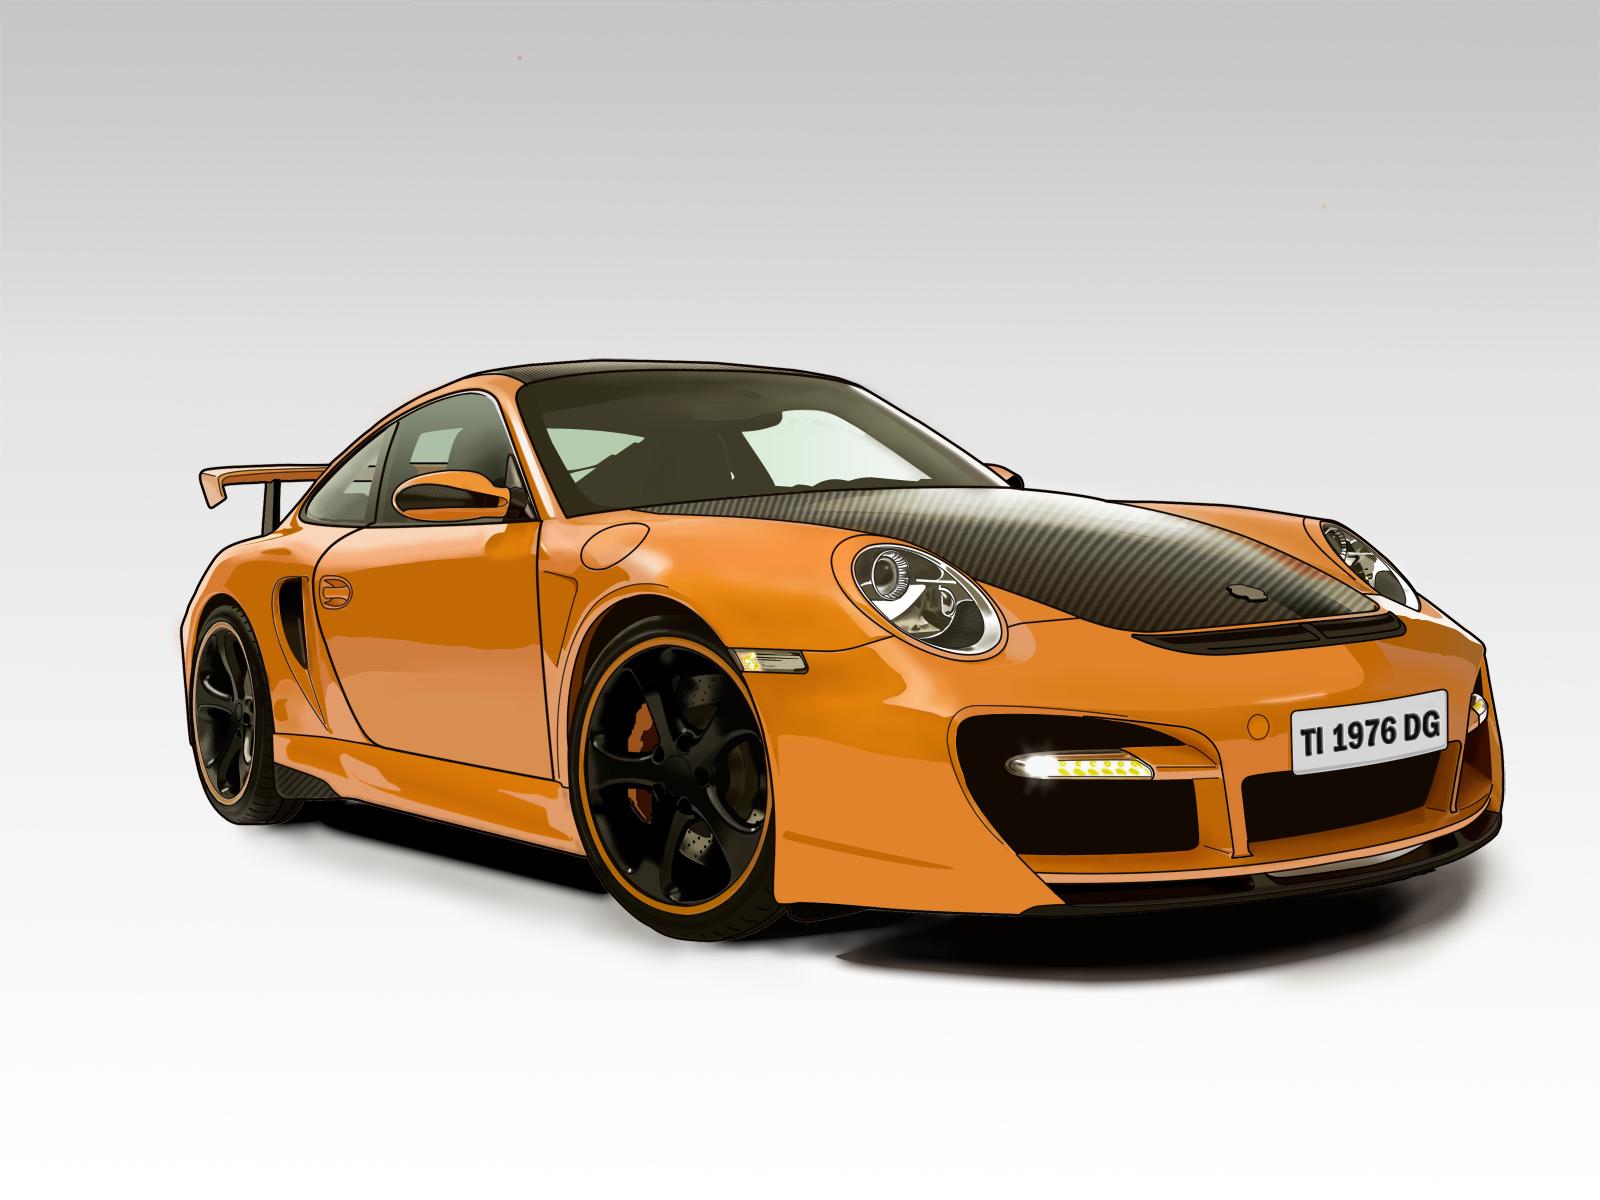 Porsche 911 GT by DottGonzo